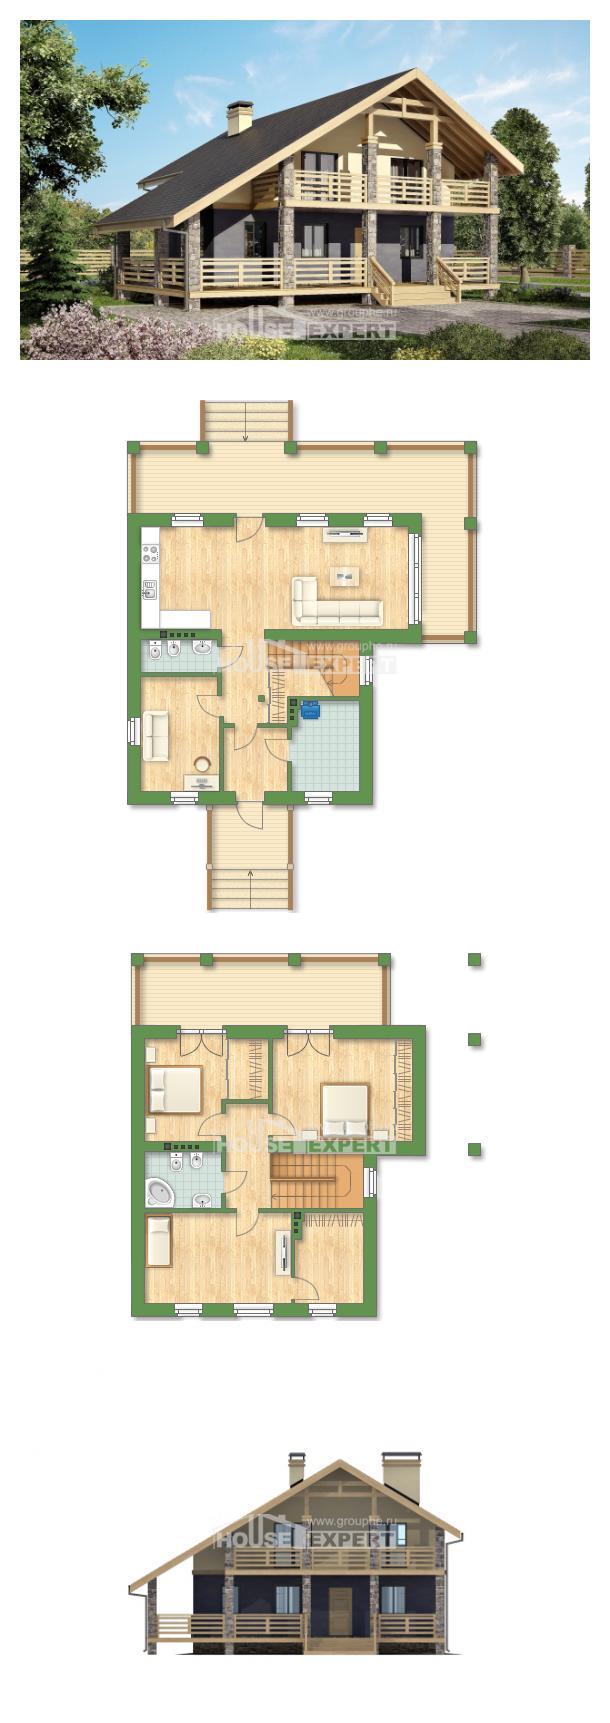 Plan 160-010-R | House Expert